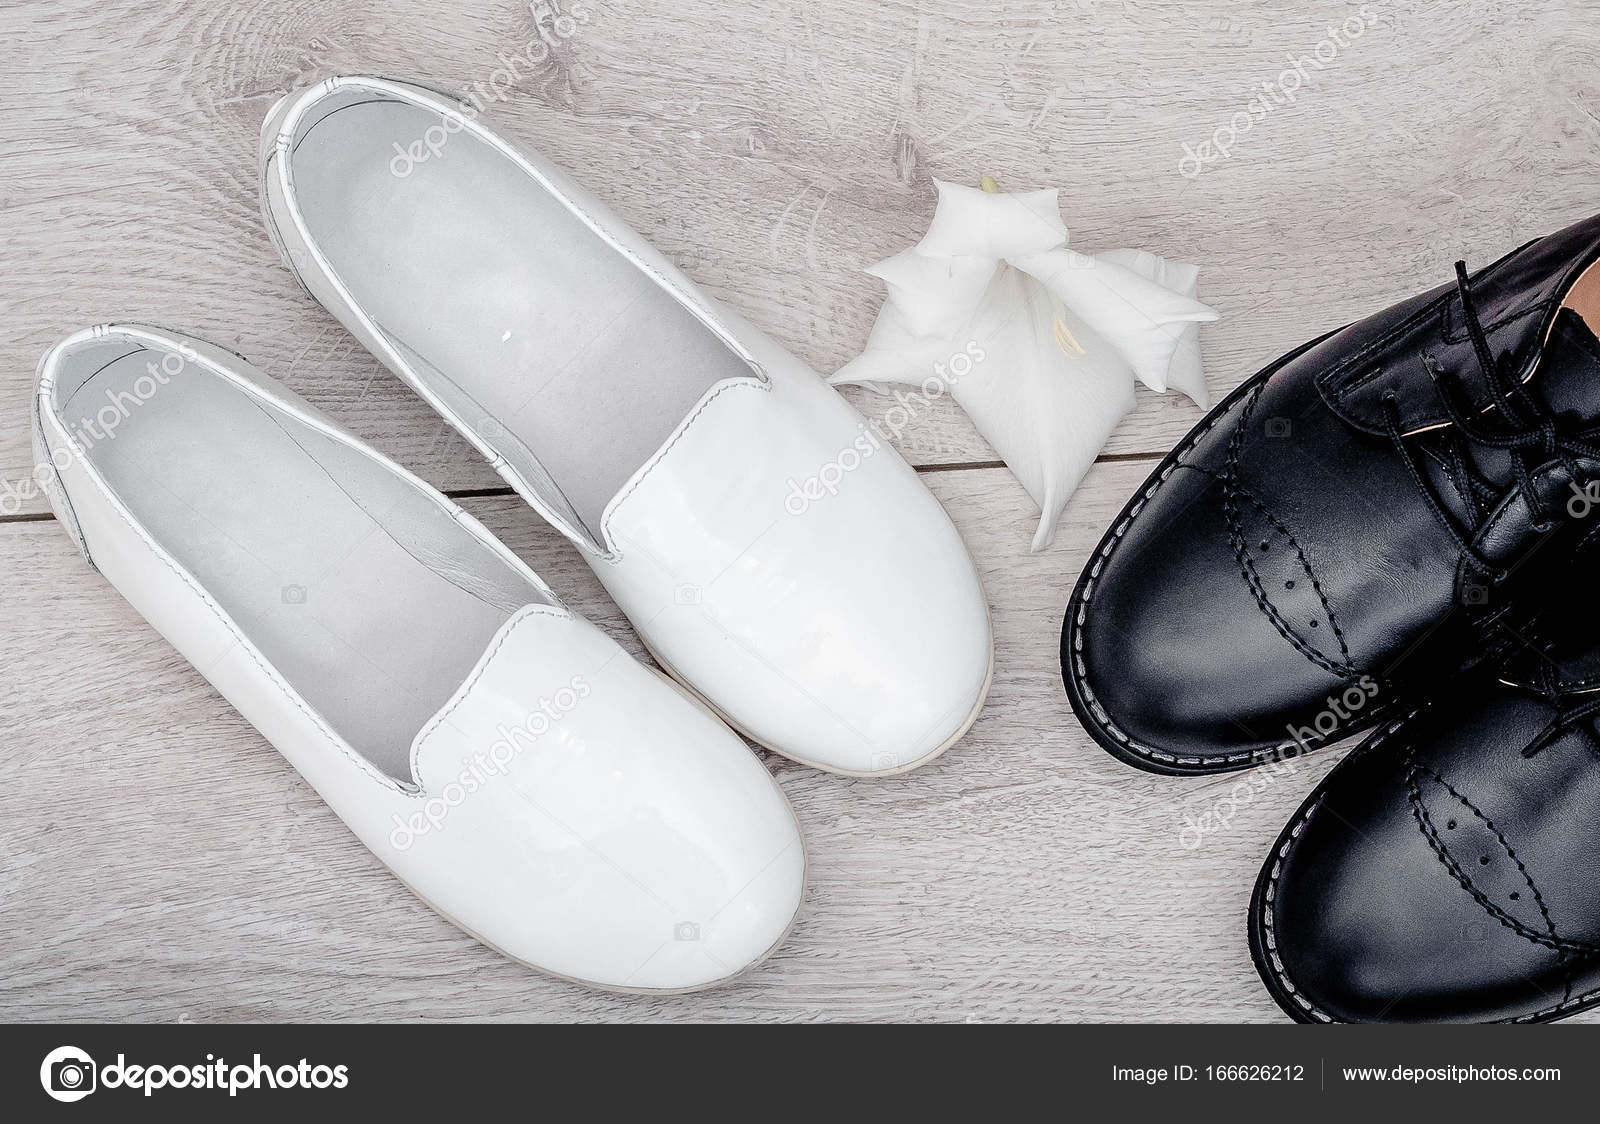 b3e10529 Las niñas tienen zapatos blanco y negro chicos en laminado gris. Zapatos de  moda lacado blanco para el bebé. Botas de cuero negro para el muchacho.